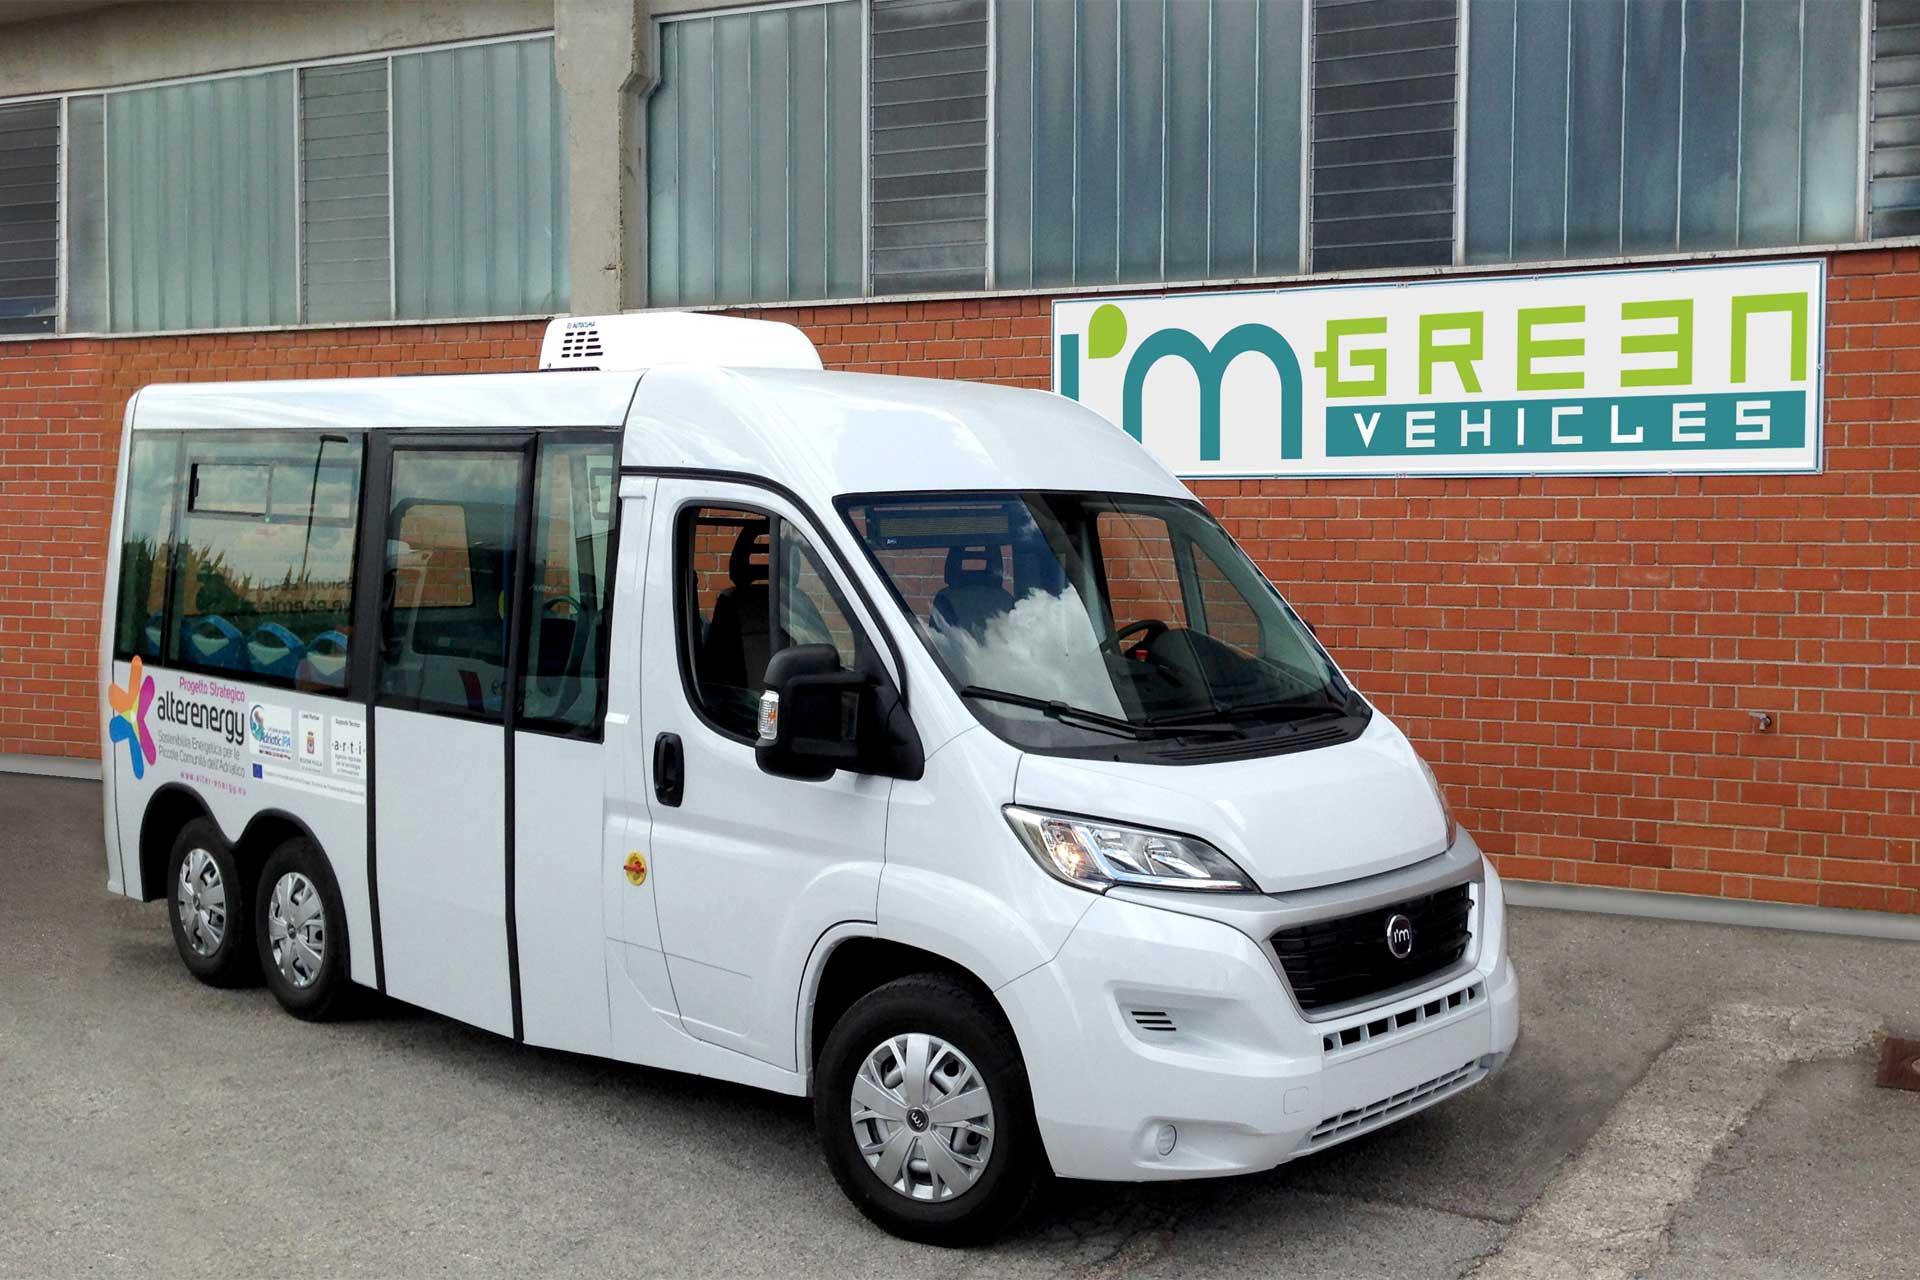 Realizzazioni - Green Vehicles - Veicoli elettrici - Jesi - Italia 7